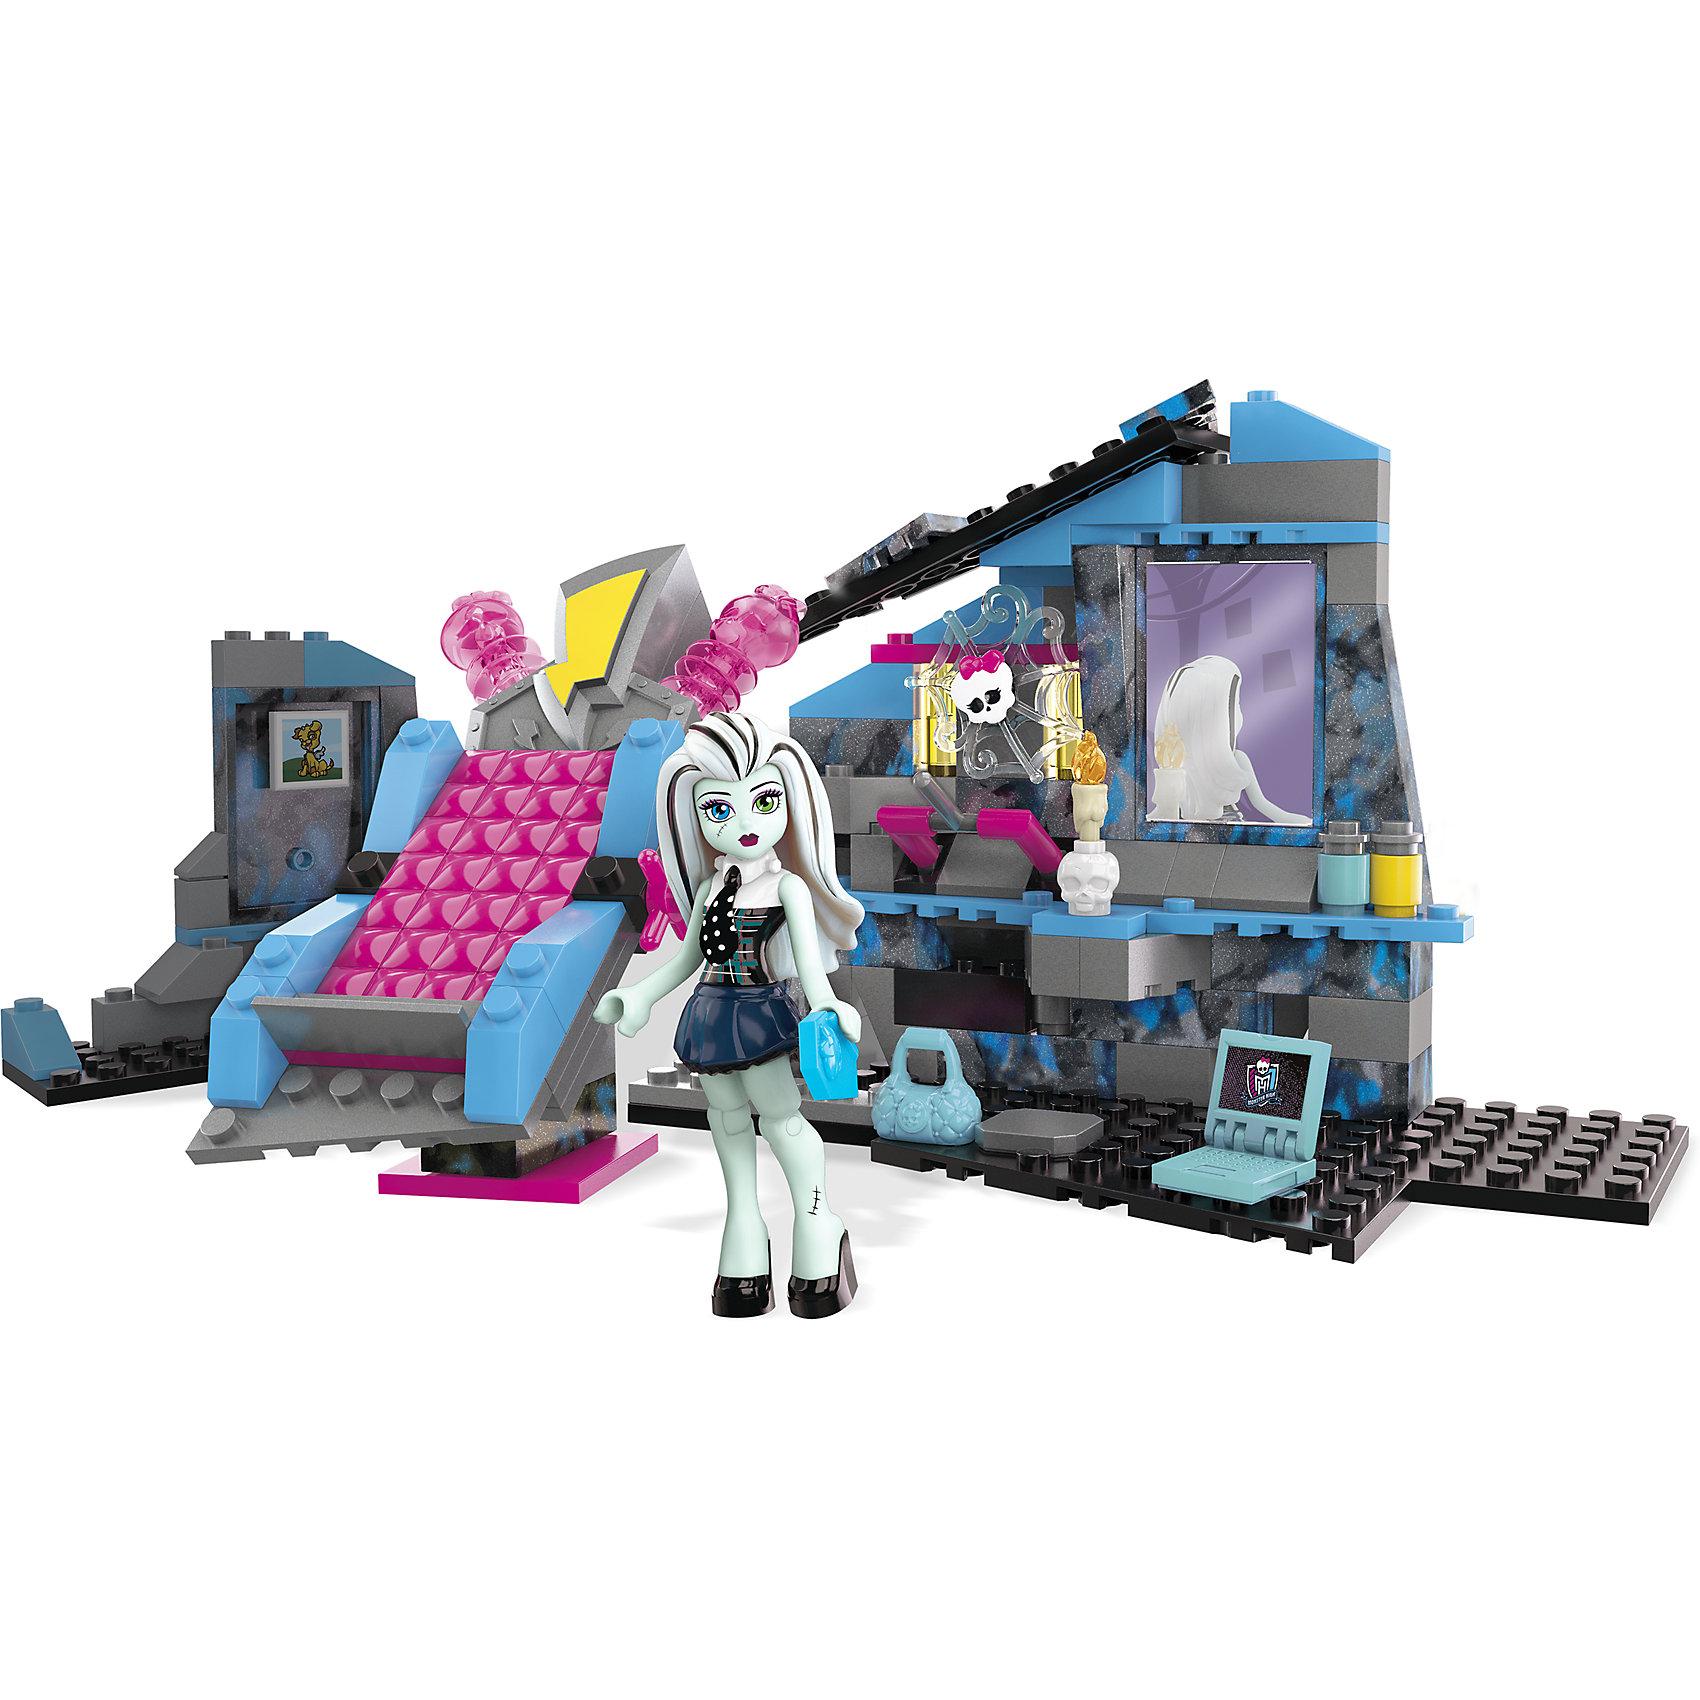 Набор Комната Фрэнки Штейн Monster High, MEGA BLOKSЭтот яркий конструктор приведет в восторг всех поклонниц Школы монстров (Монстр Хай). С помощью набора можно построить комнату Френки Штейн. Подари Фрэнки заряд энергии, который ей так необходим, положив ее на электрифицированную кровать со зловещими огоньками. Потяни рычаг, чтобы зарядить Фрэнки для блистательной ночи! Скорее собирай и придумывай свои невероятные истории! Все детали конструктора выполнены из высококачественного пластика, имеют прочные крепления. <br><br>Дополнительная информация:<br><br>- Материал: пластик.<br>- Комплектация: детали конструктора, фигурка Лагуны Блю. <br>- Размер: 5x25x31 см.<br><br>Набор Комната Фрэнки Штейн Monster High, MEGA BLOKS (Мега Блок), можно купить в нашем магазине.<br><br>Ширина мм: 311<br>Глубина мм: 250<br>Высота мм: 58<br>Вес г: 466<br>Возраст от месяцев: 72<br>Возраст до месяцев: 120<br>Пол: Женский<br>Возраст: Детский<br>SKU: 4168146